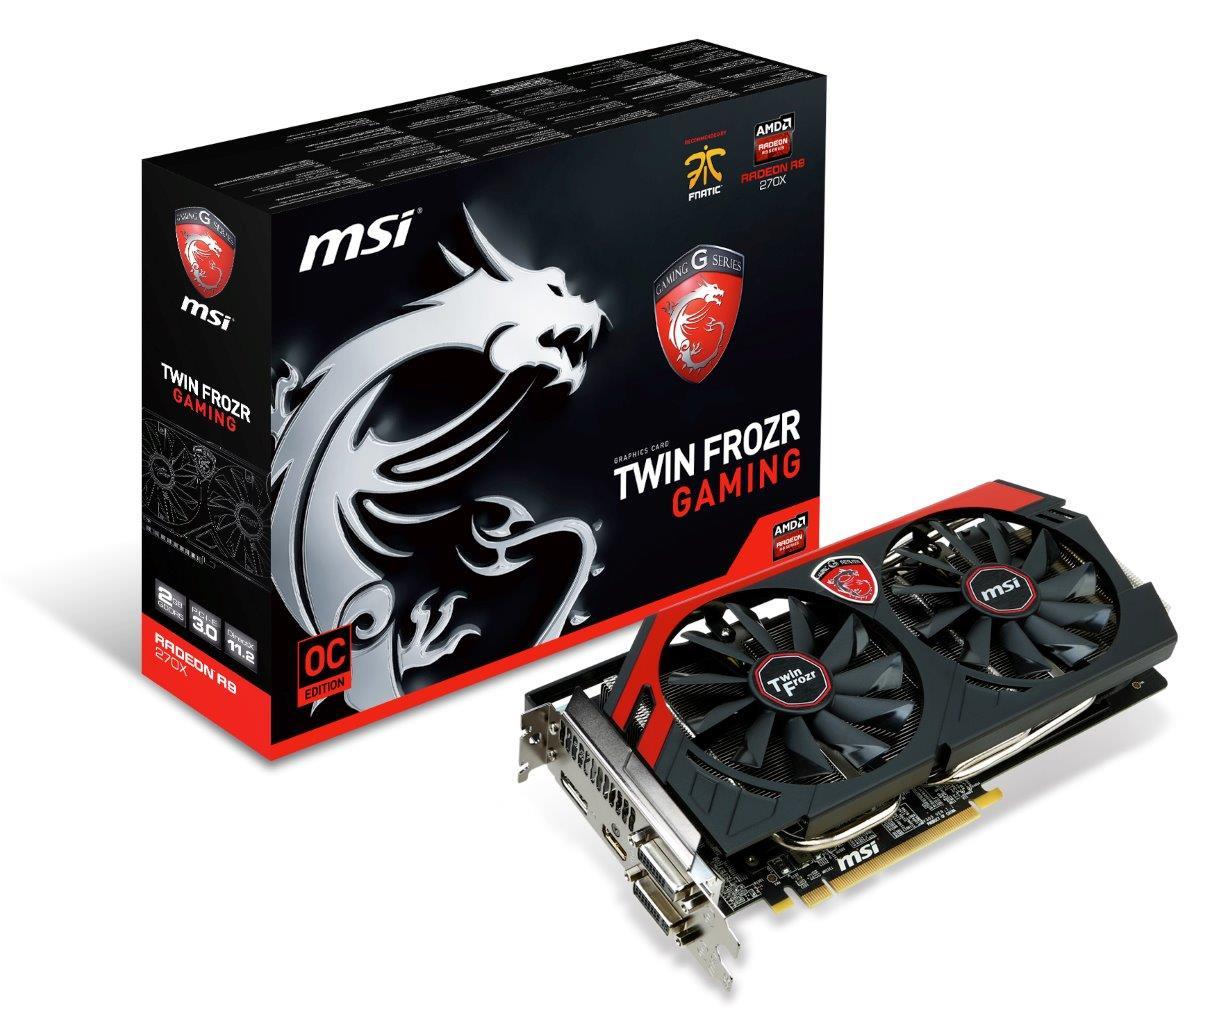 R9 270X Gaming 2GD5(V303)_box+card